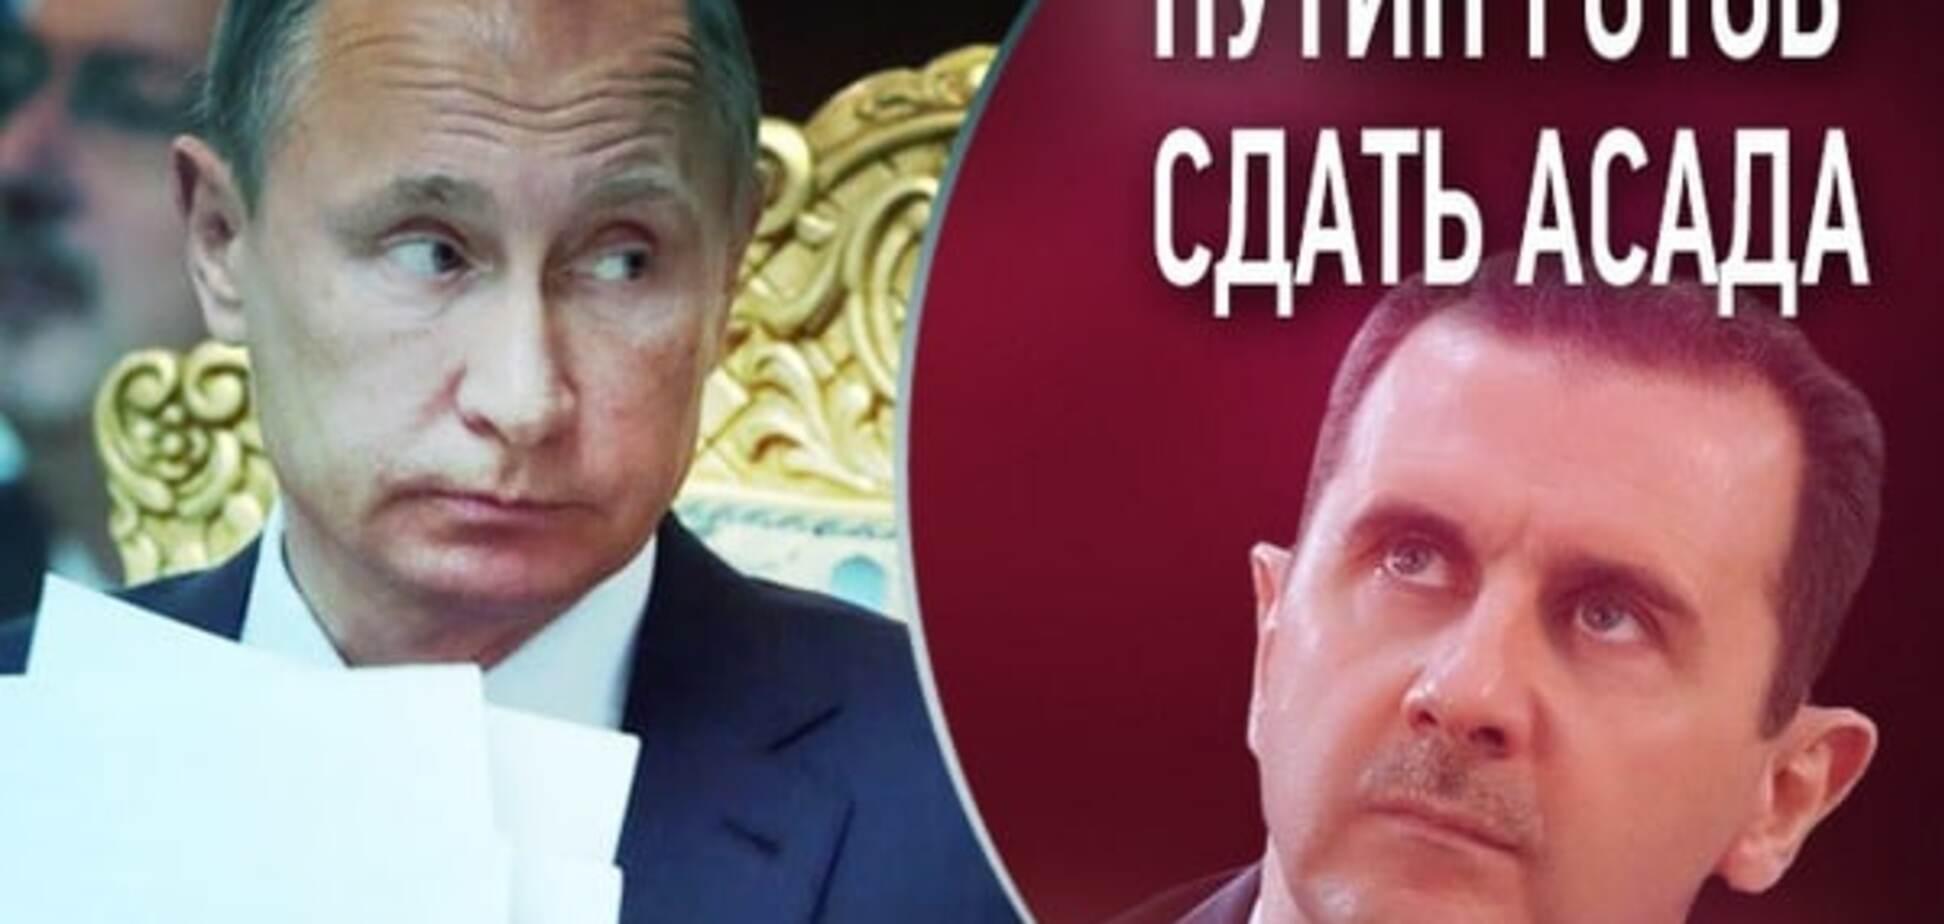 Путин готов сдать Асада - Гарань